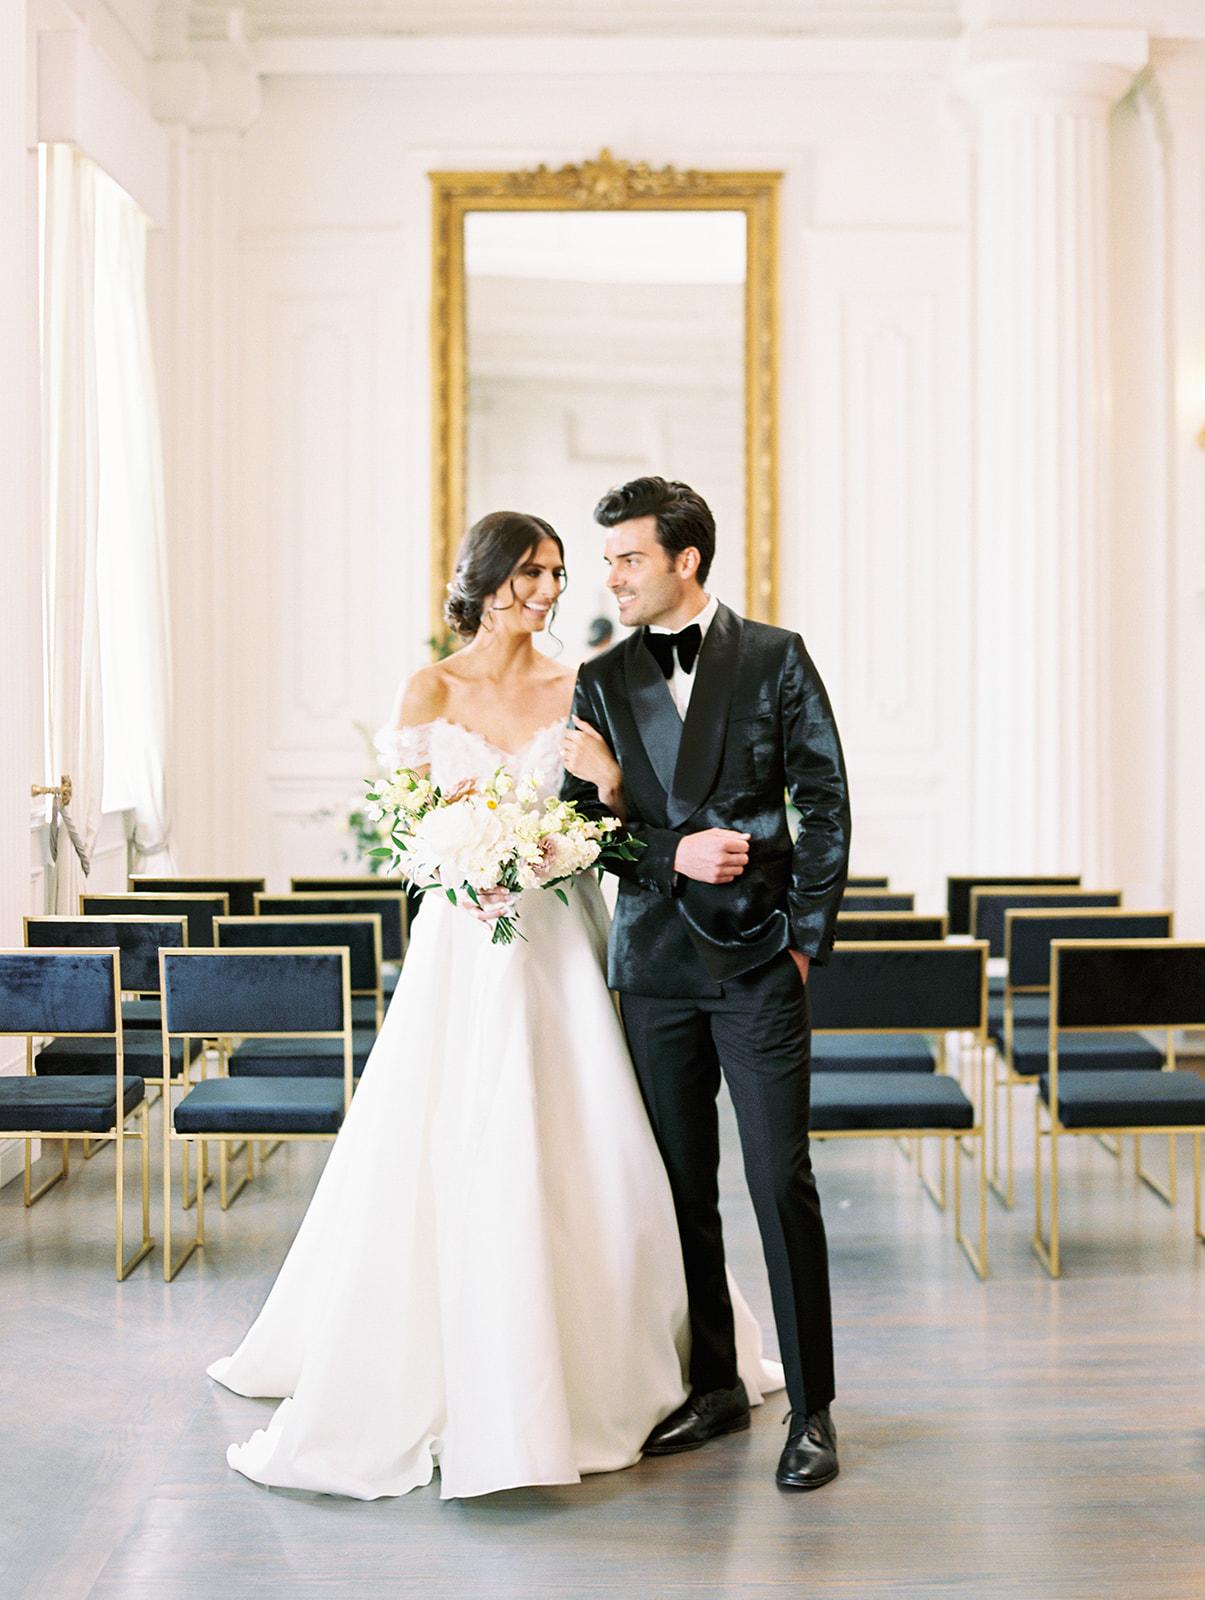 Chic Wedding Inspiration at The Mason by Megan Kay Photography